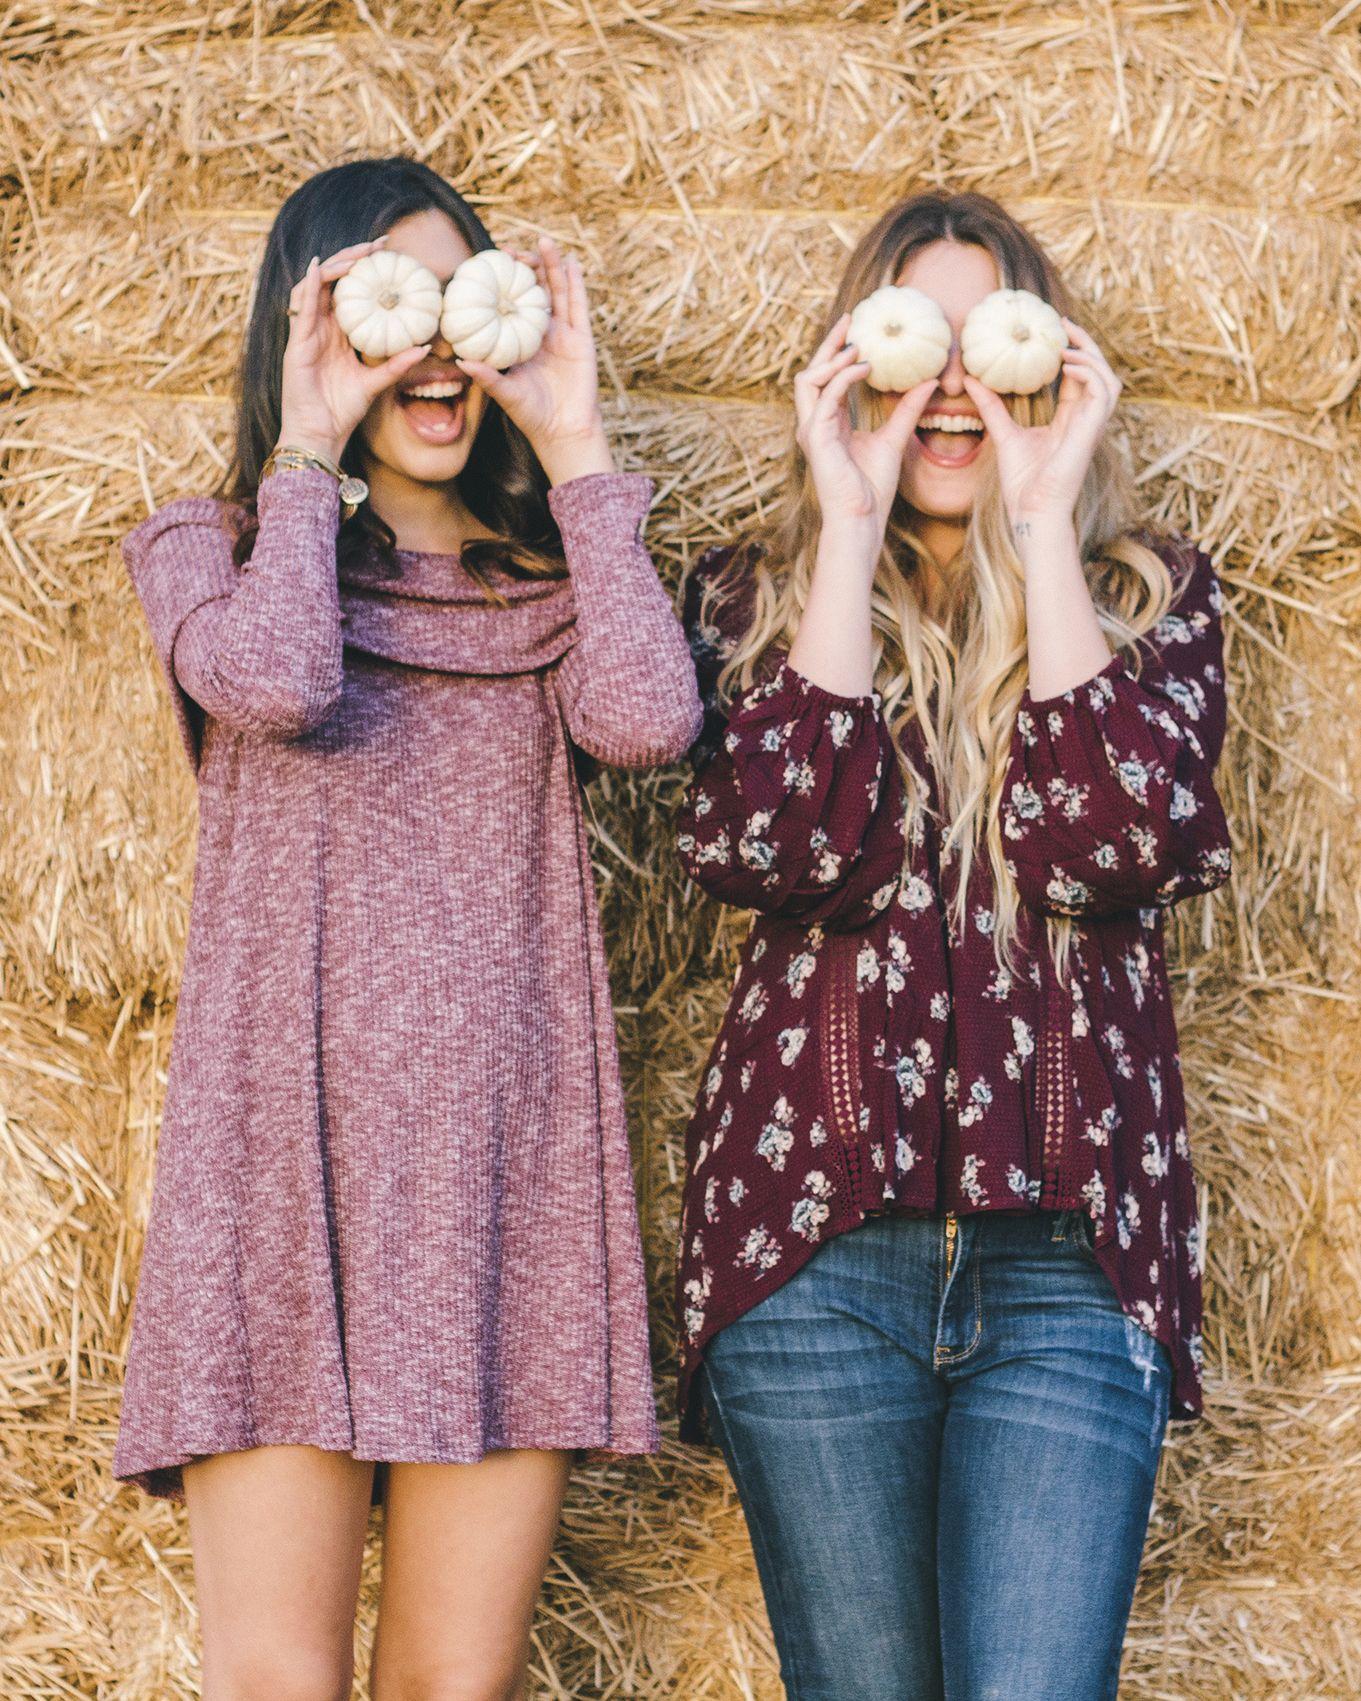 как фотографировать подругу рыжий называем целую